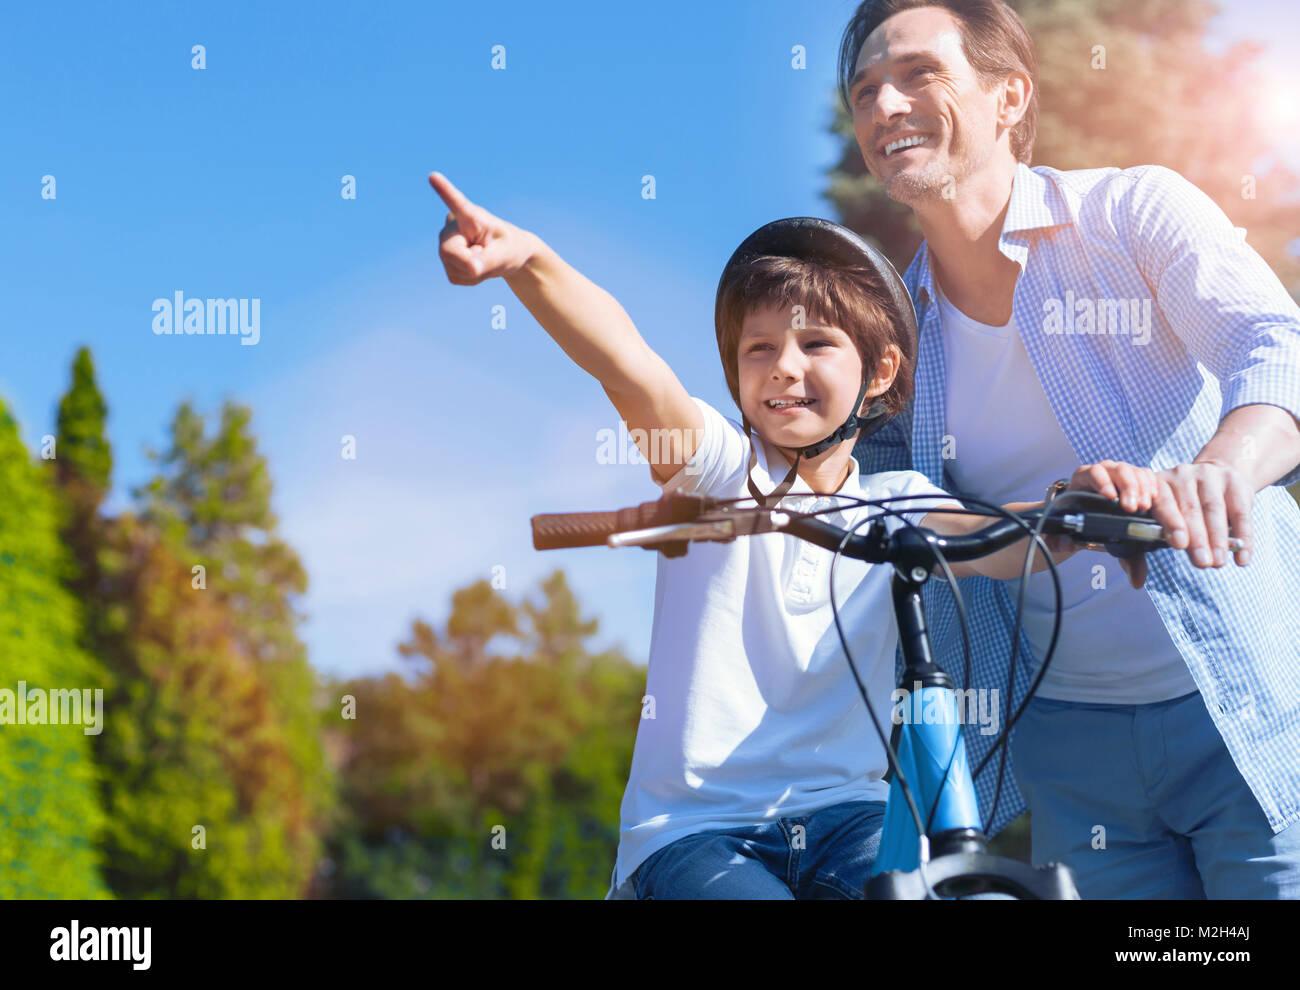 Famiglia Avventura Equitazione bicicletta in posizione di parcheggio Immagini Stock